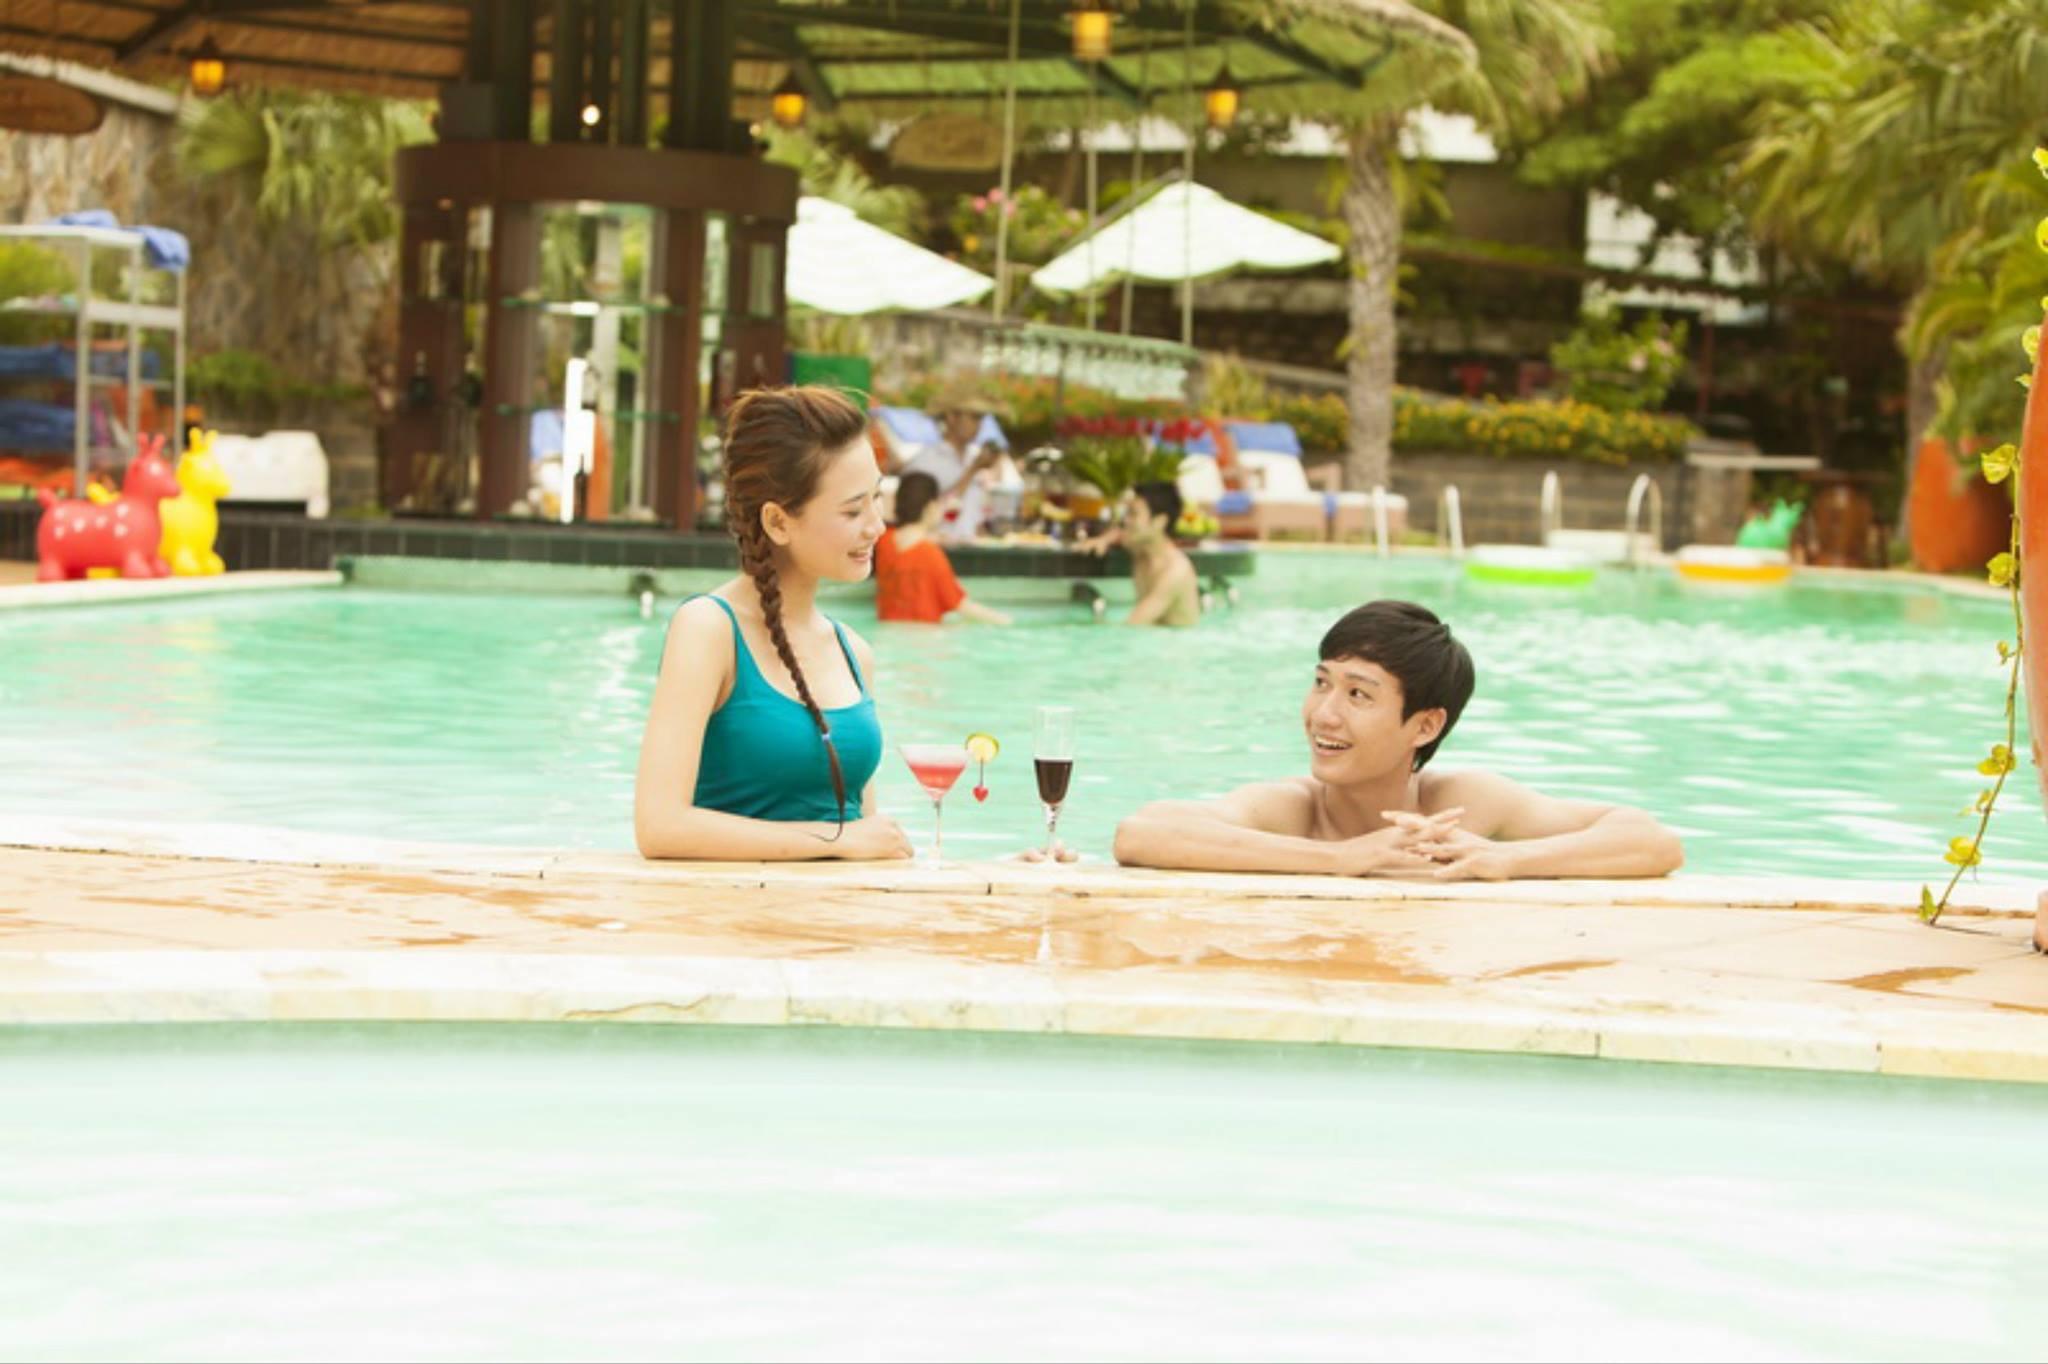 Seaside Resort là khu nghỉ dưỡng rất được yêu thích ở Vũng Tàu